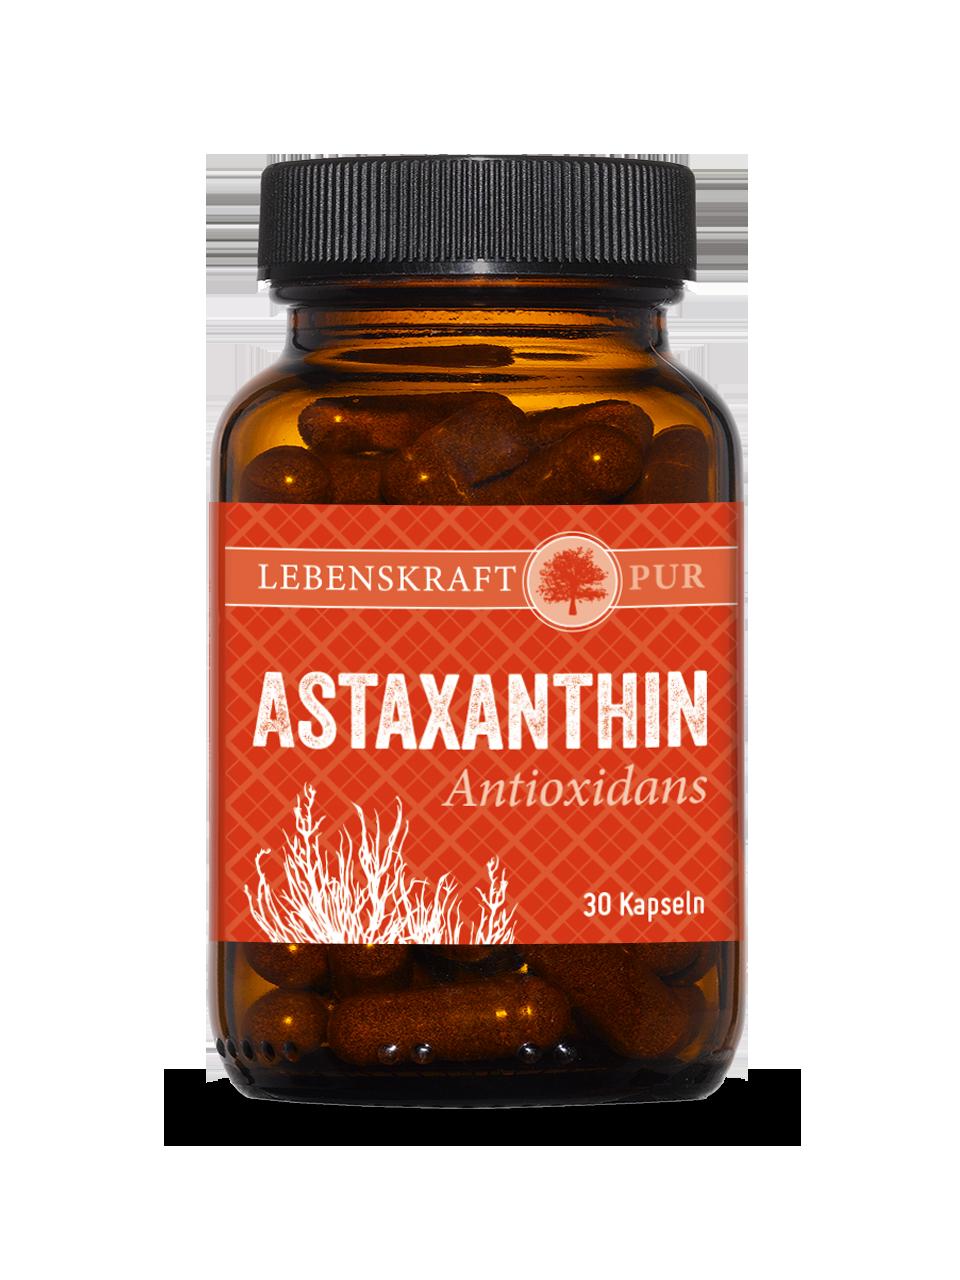 Vorschaubild: Astaxanthin Antioxidans